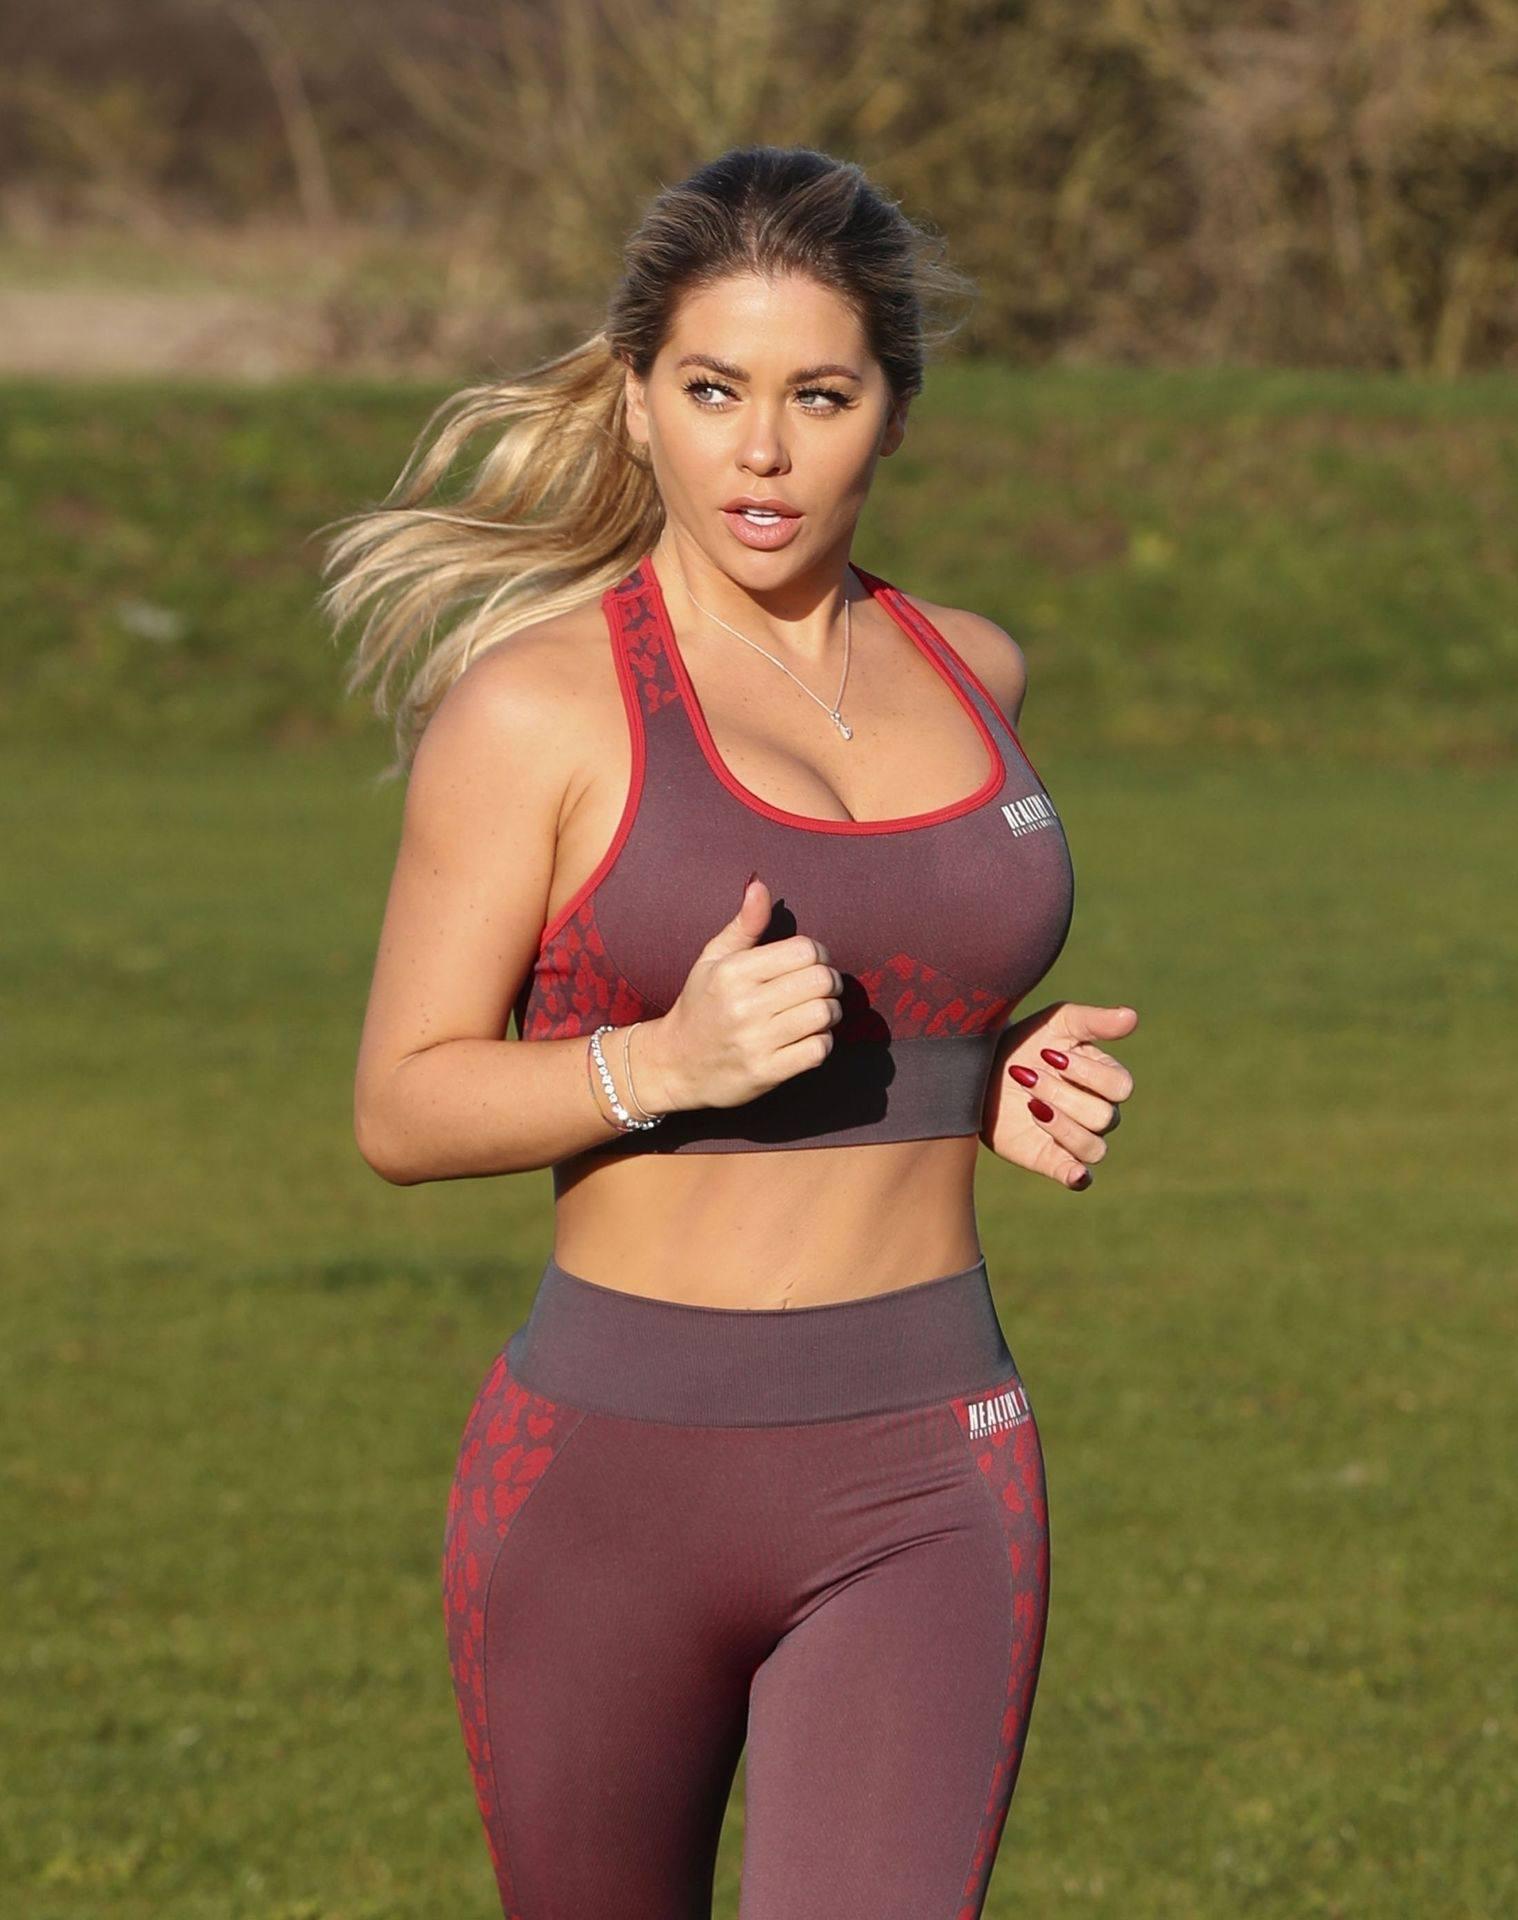 Bianca Gascoigne Sexy Body